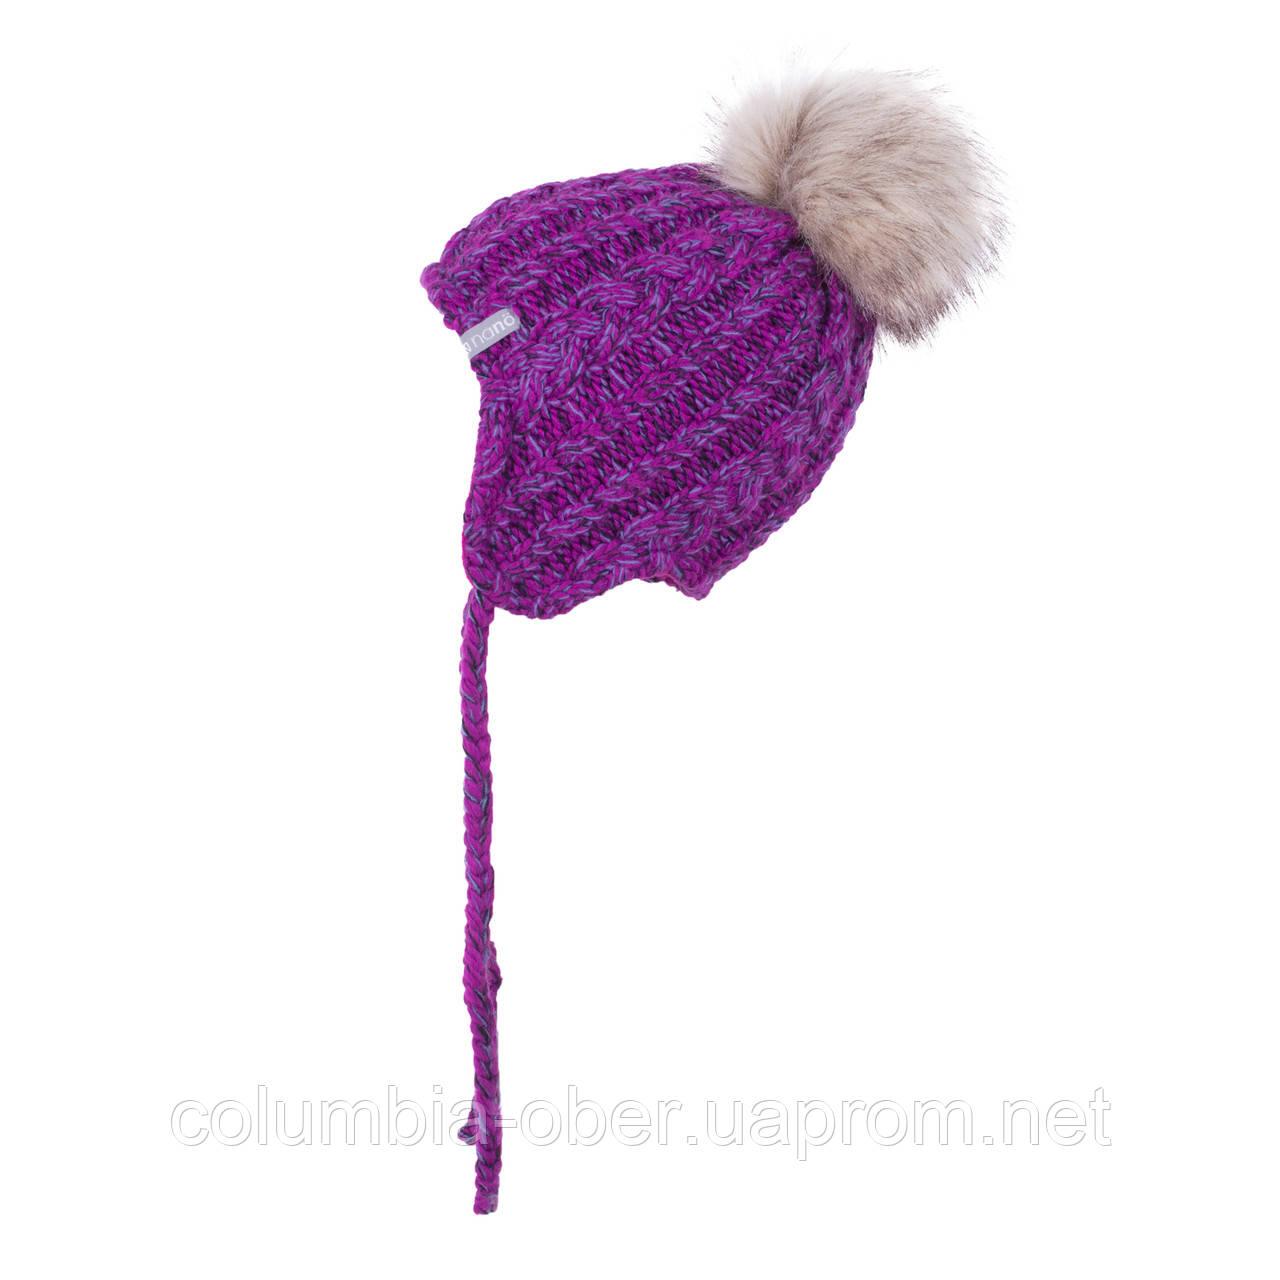 Зимняя шапка для девочки Nano F19TU270 Petunia. Размеры 6/12 мес и 12/24 мес.